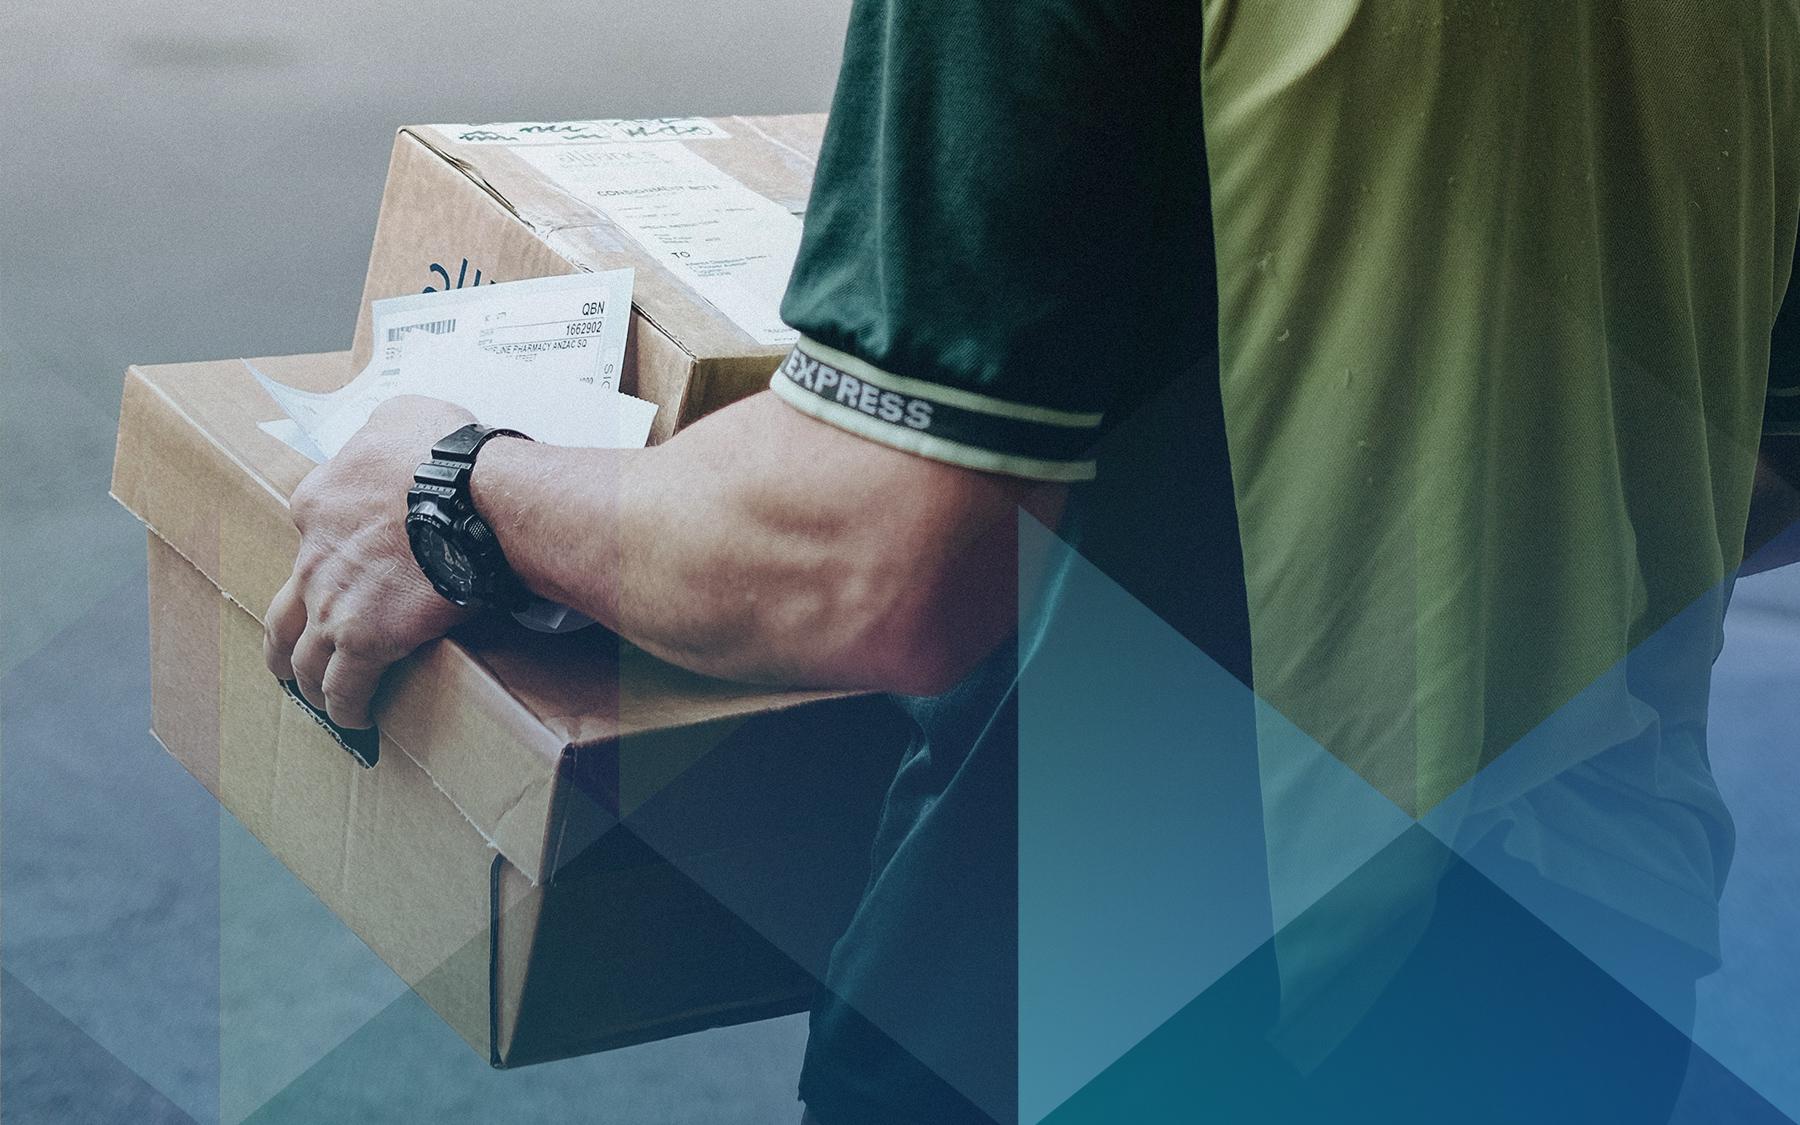 """A imagem de destaque para o texto """"Direito de Arrependimento: o que é e como funciona"""" mostra um homem de costas vestindo uma camisa verde carregando duas entregas embaladas em caixas de papelão"""